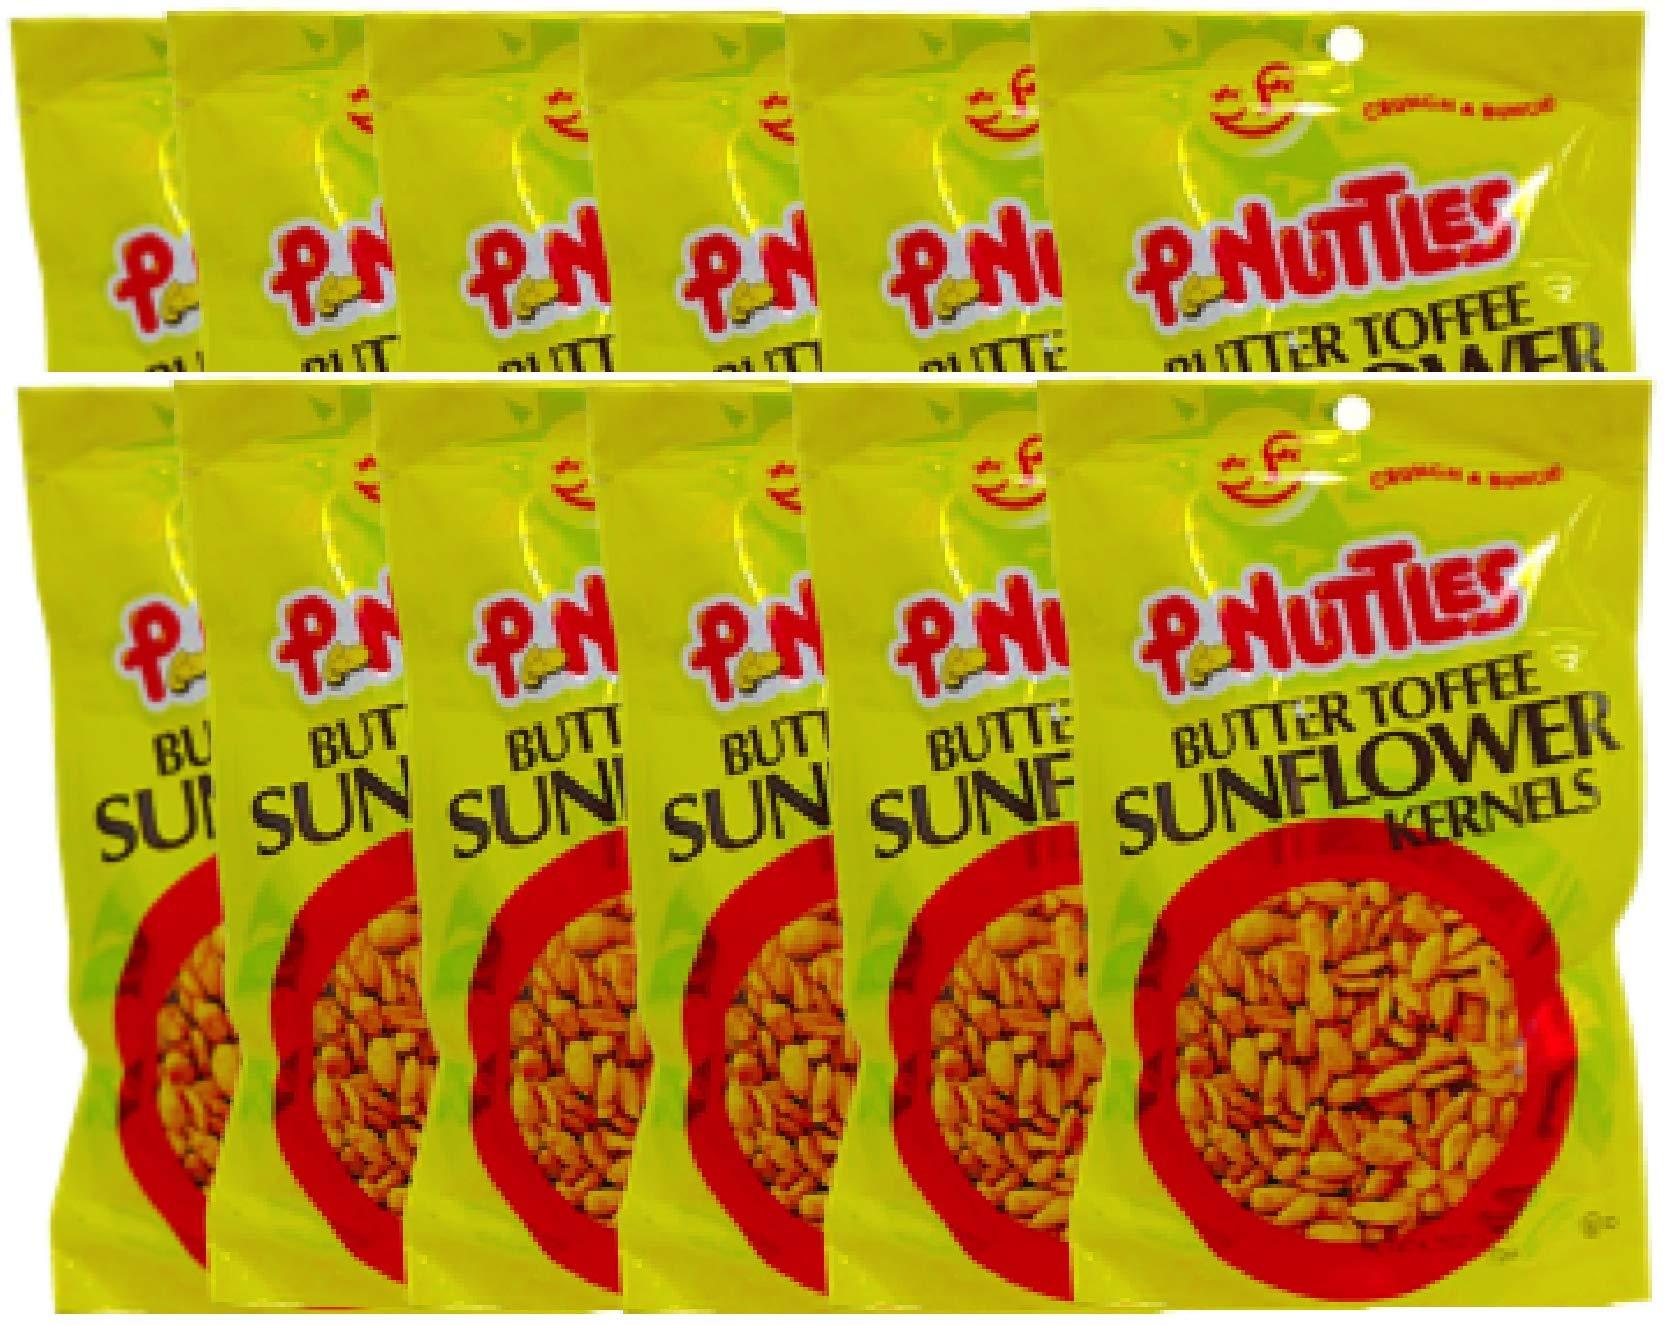 NEW Pnuttles Butter Toffee Sunflower Kernels Net Wt 4.5 Oz (12)